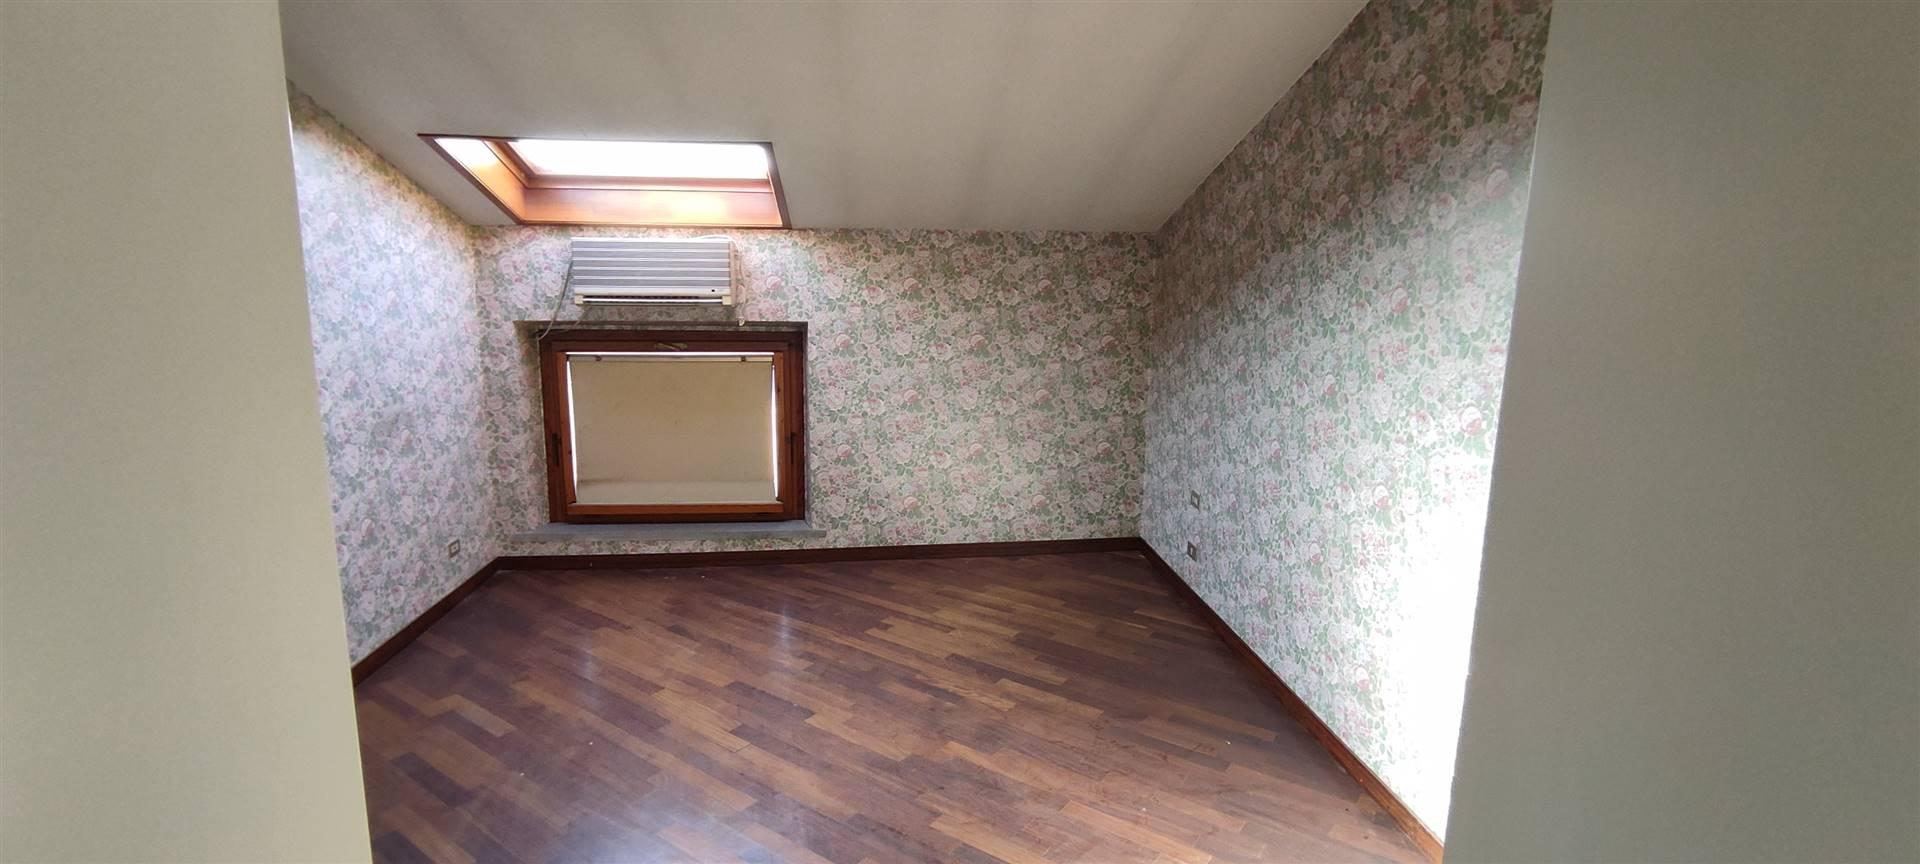 camera 2 sottotetto